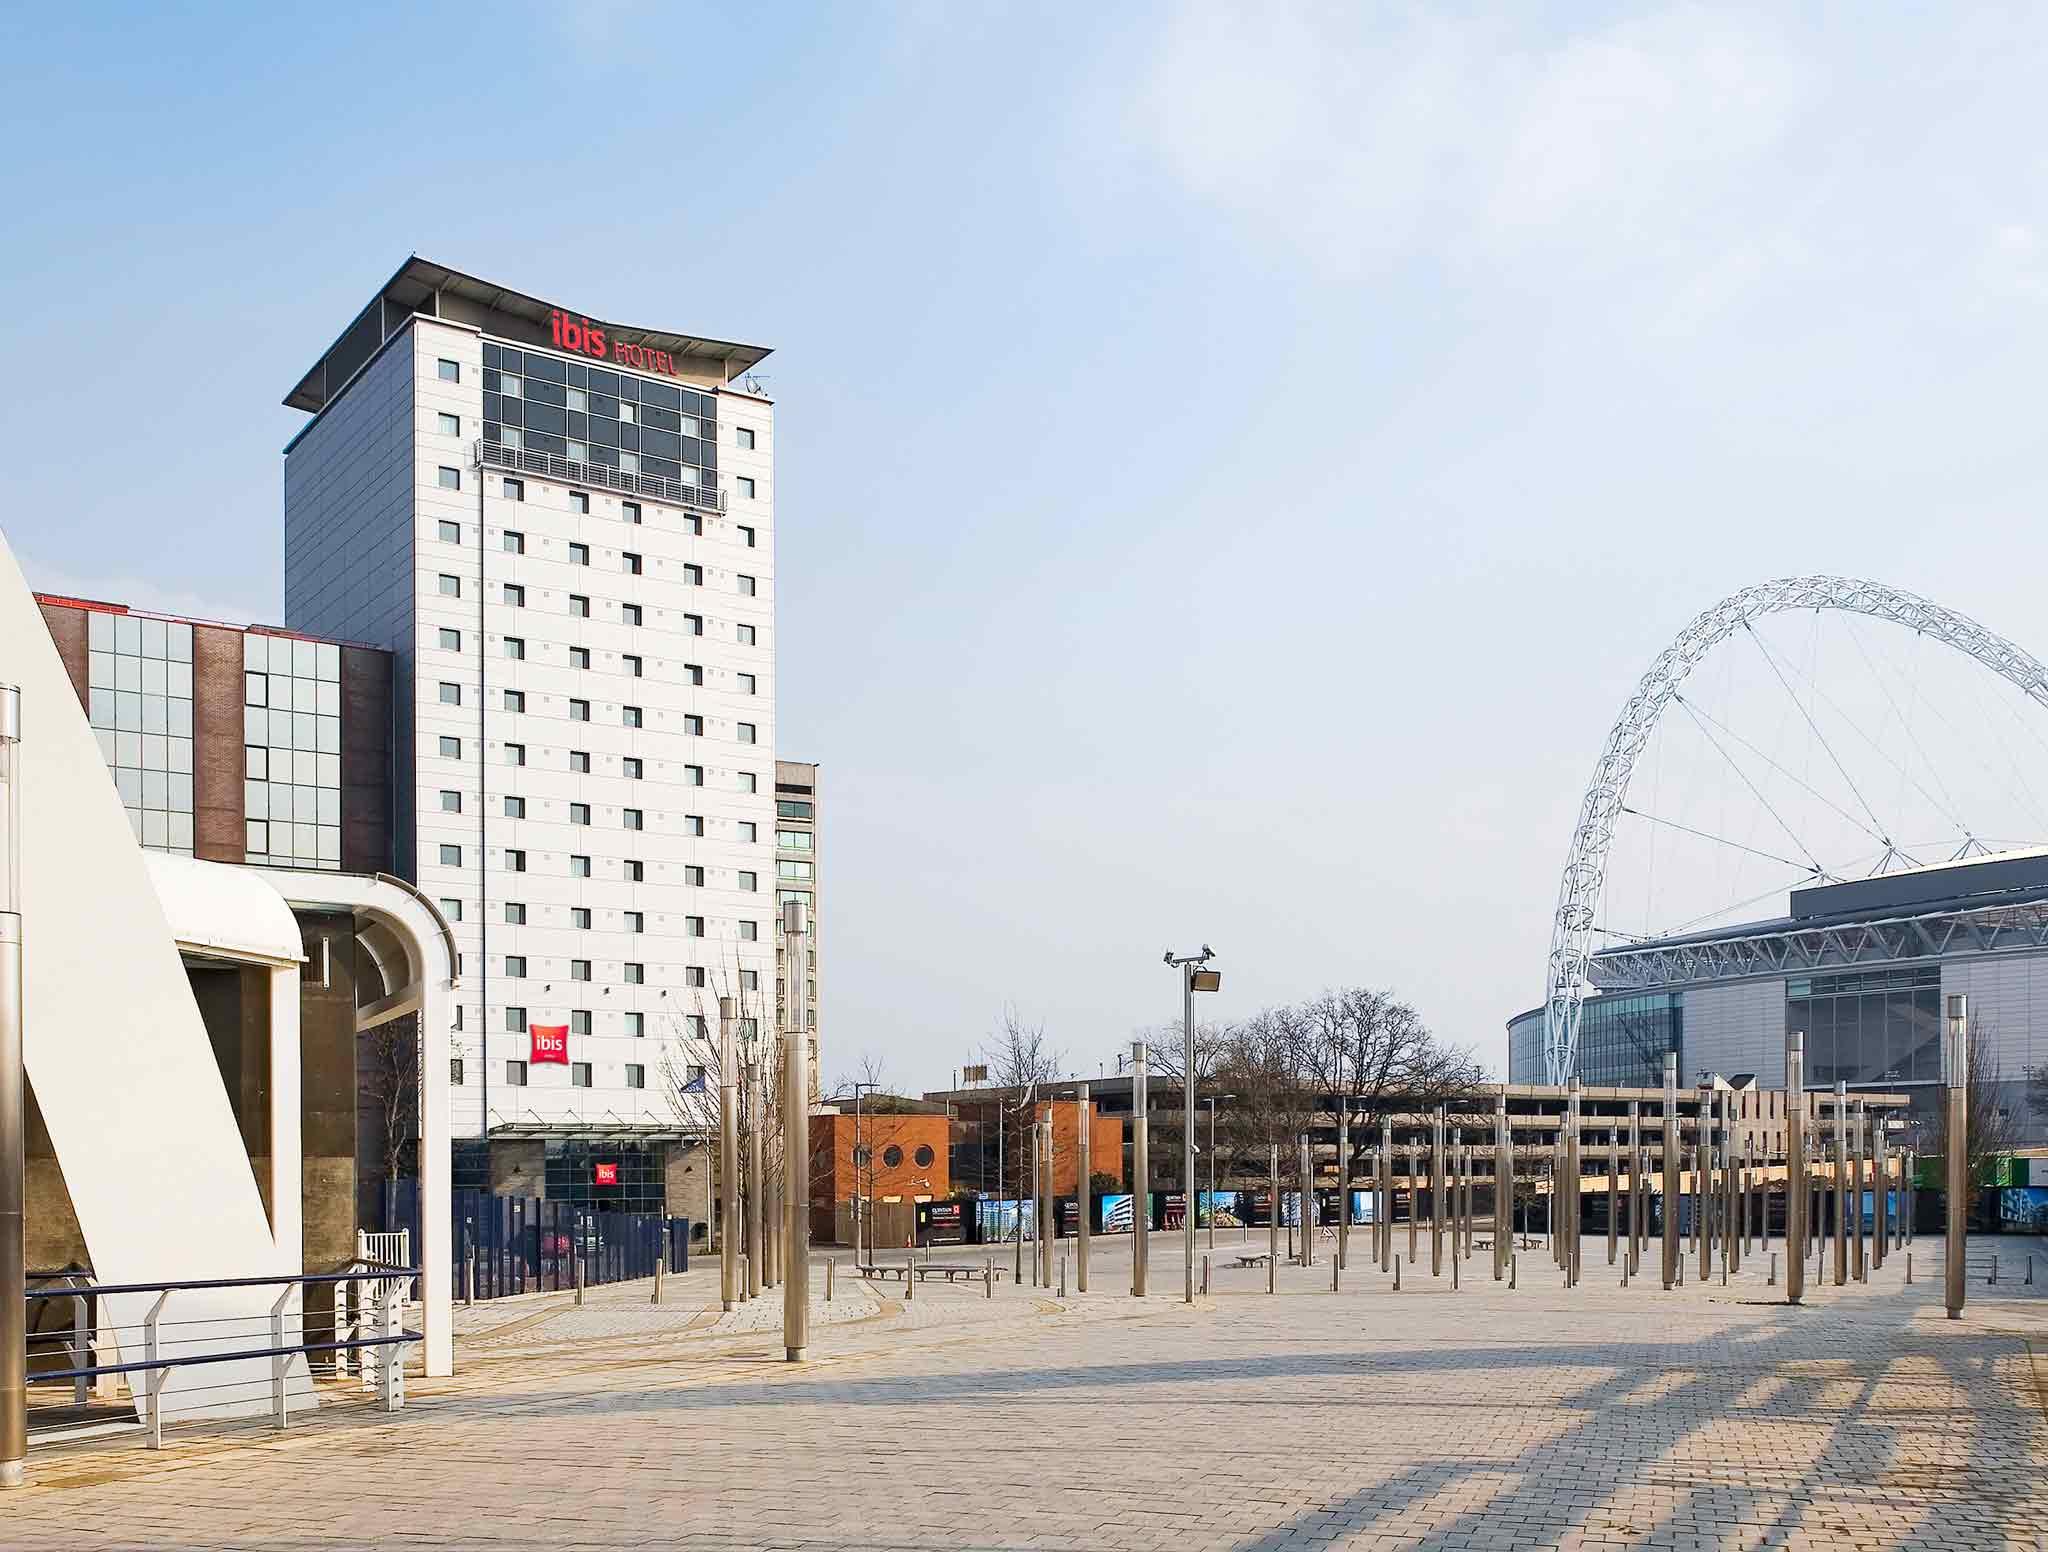 โรงแรม – ไอบิส ลอนดอน เวมบลีย์